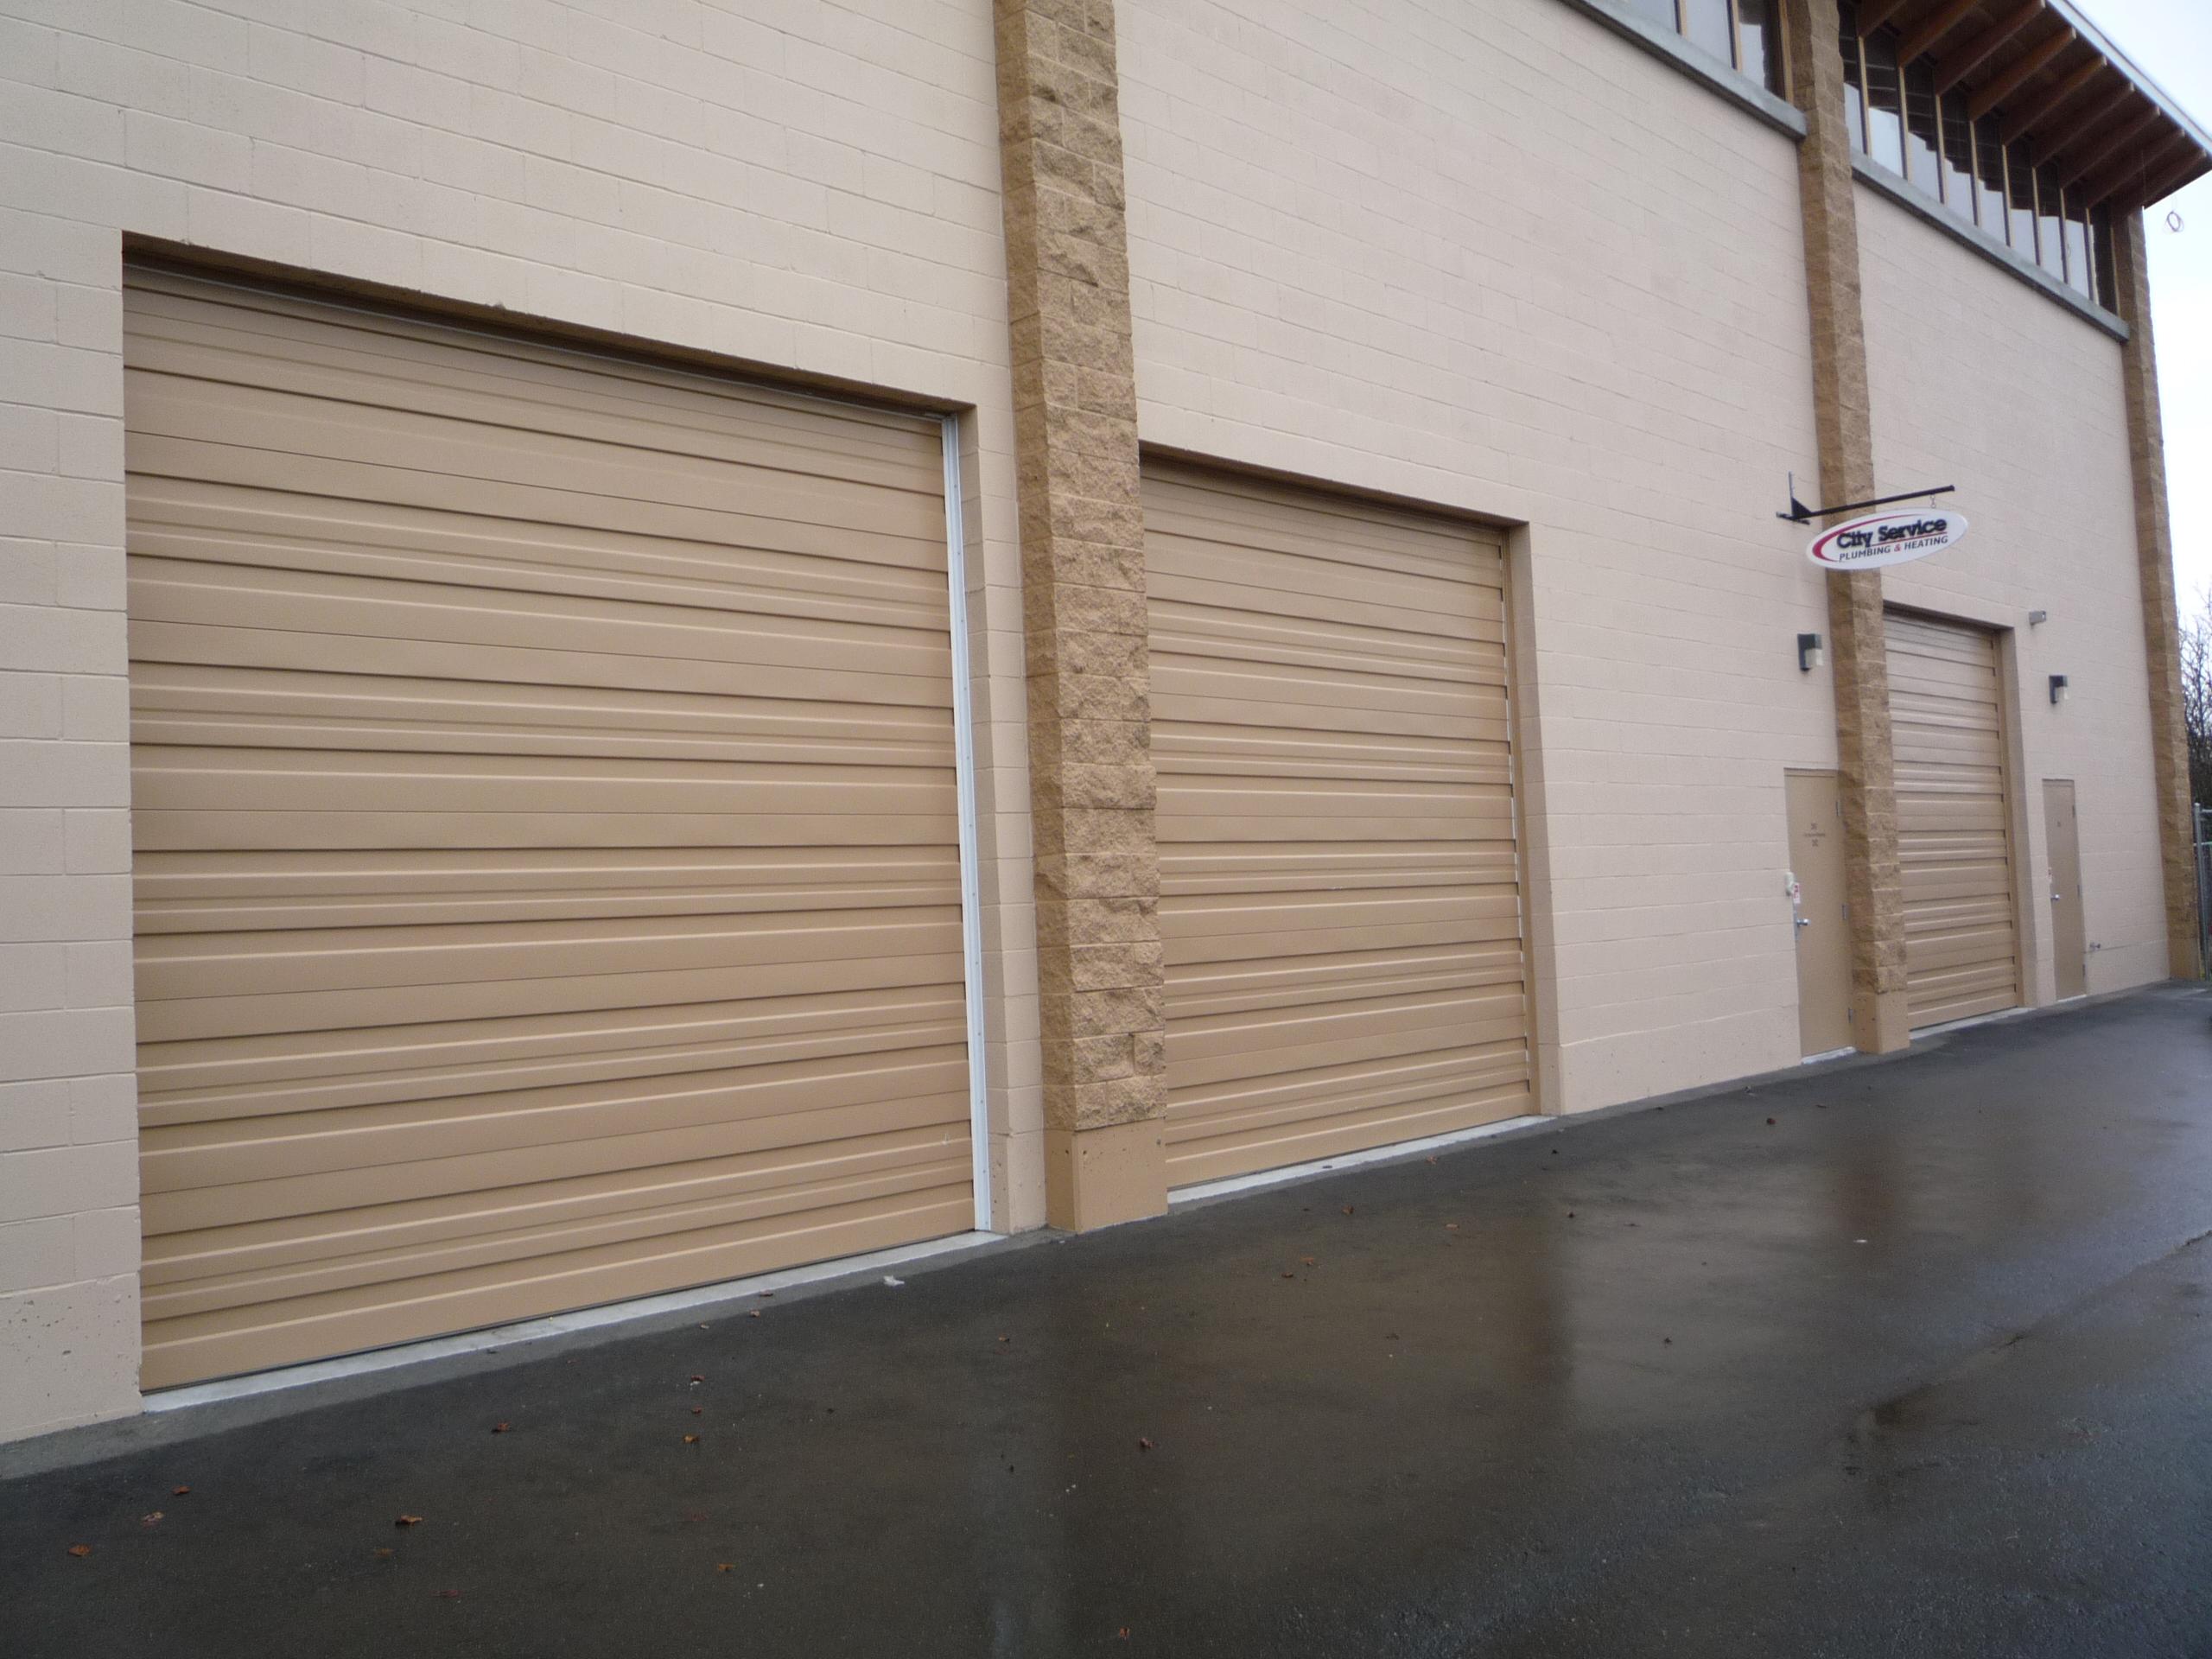 door distributor storefronts tubelite steel final inc commercial iiii doors aluminum aroyan